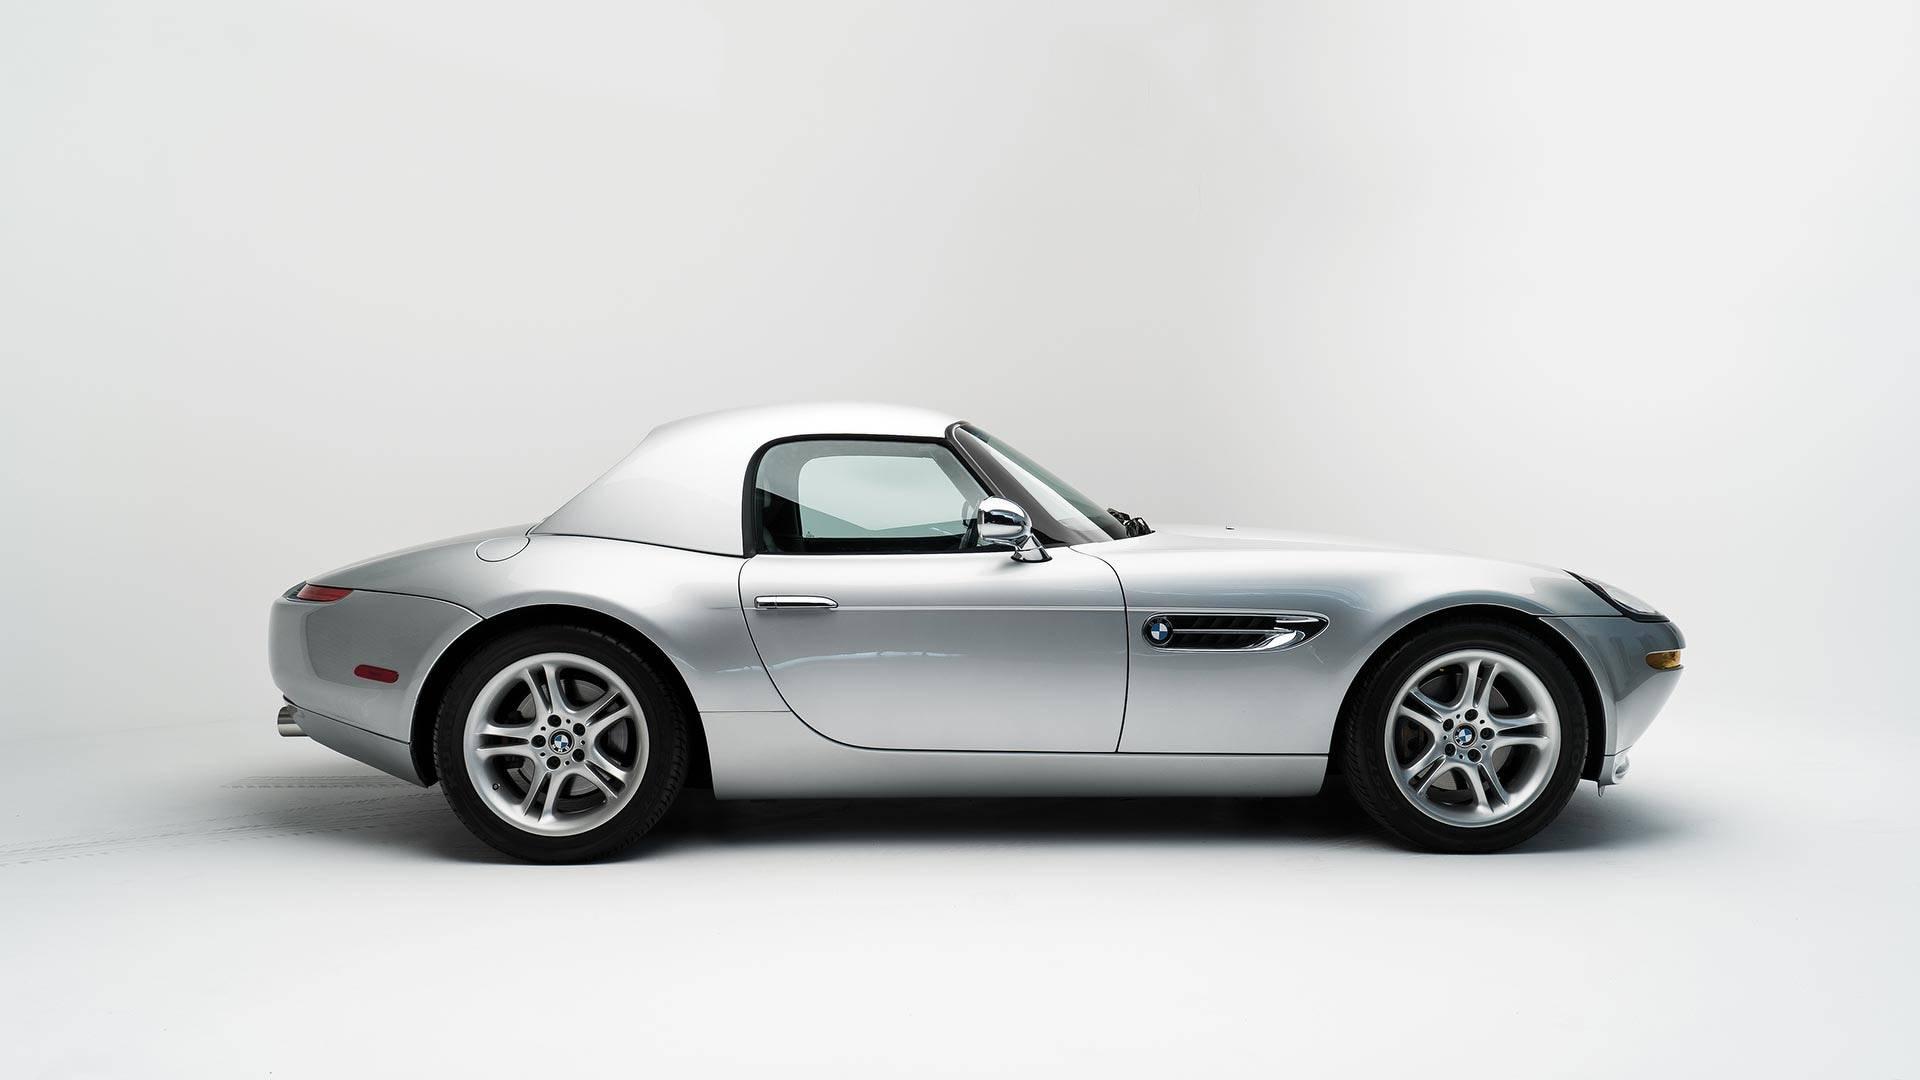 Xe++ - BMW Z8 của Steve Jobs sắp bán đấu giá khởi điểm từ 6,83 tỷ đồng (Hình 2).